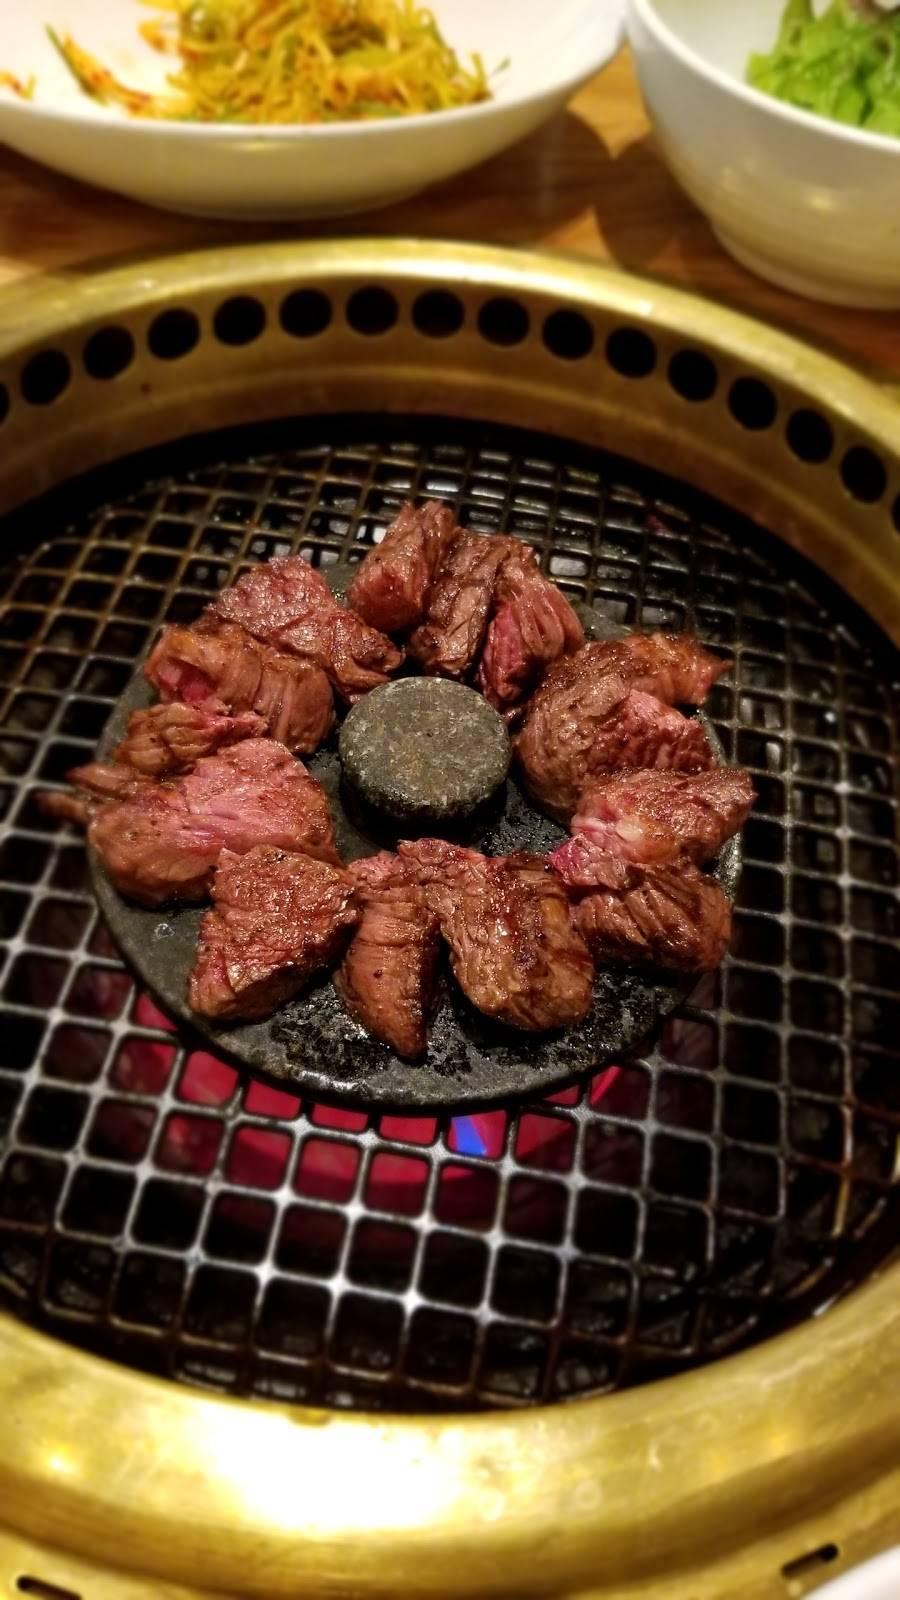 Gayeon | restaurant | 2020 Hudson St, Fort Lee, NJ 07024, USA | 2019442056 OR +1 201-944-2056